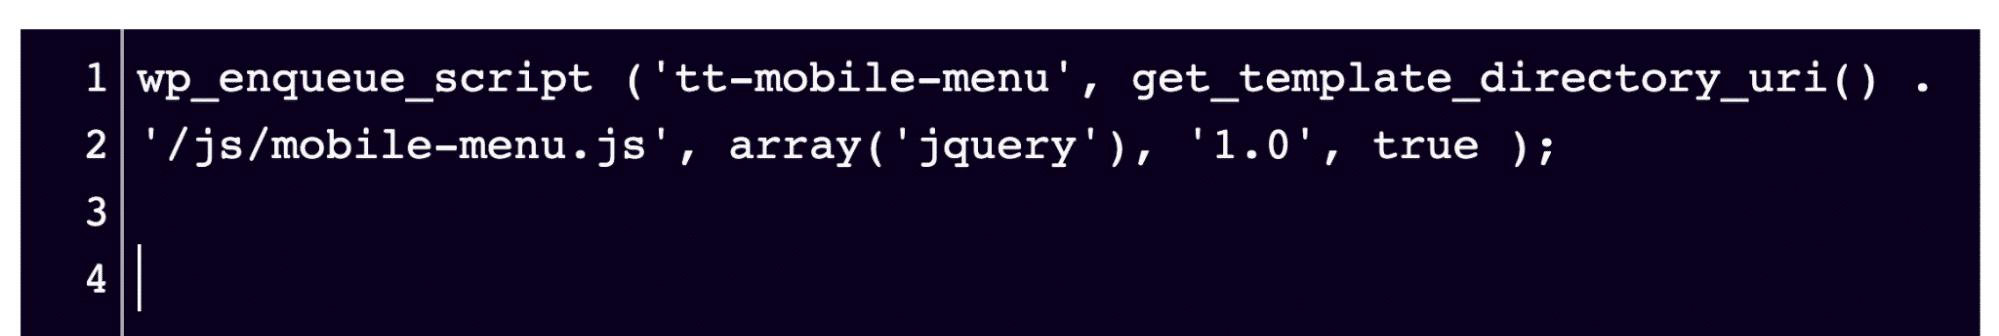 El fragmento de código se puede pegar en cualquier editor FTP siempre que esté en el archivo script-loader.php.